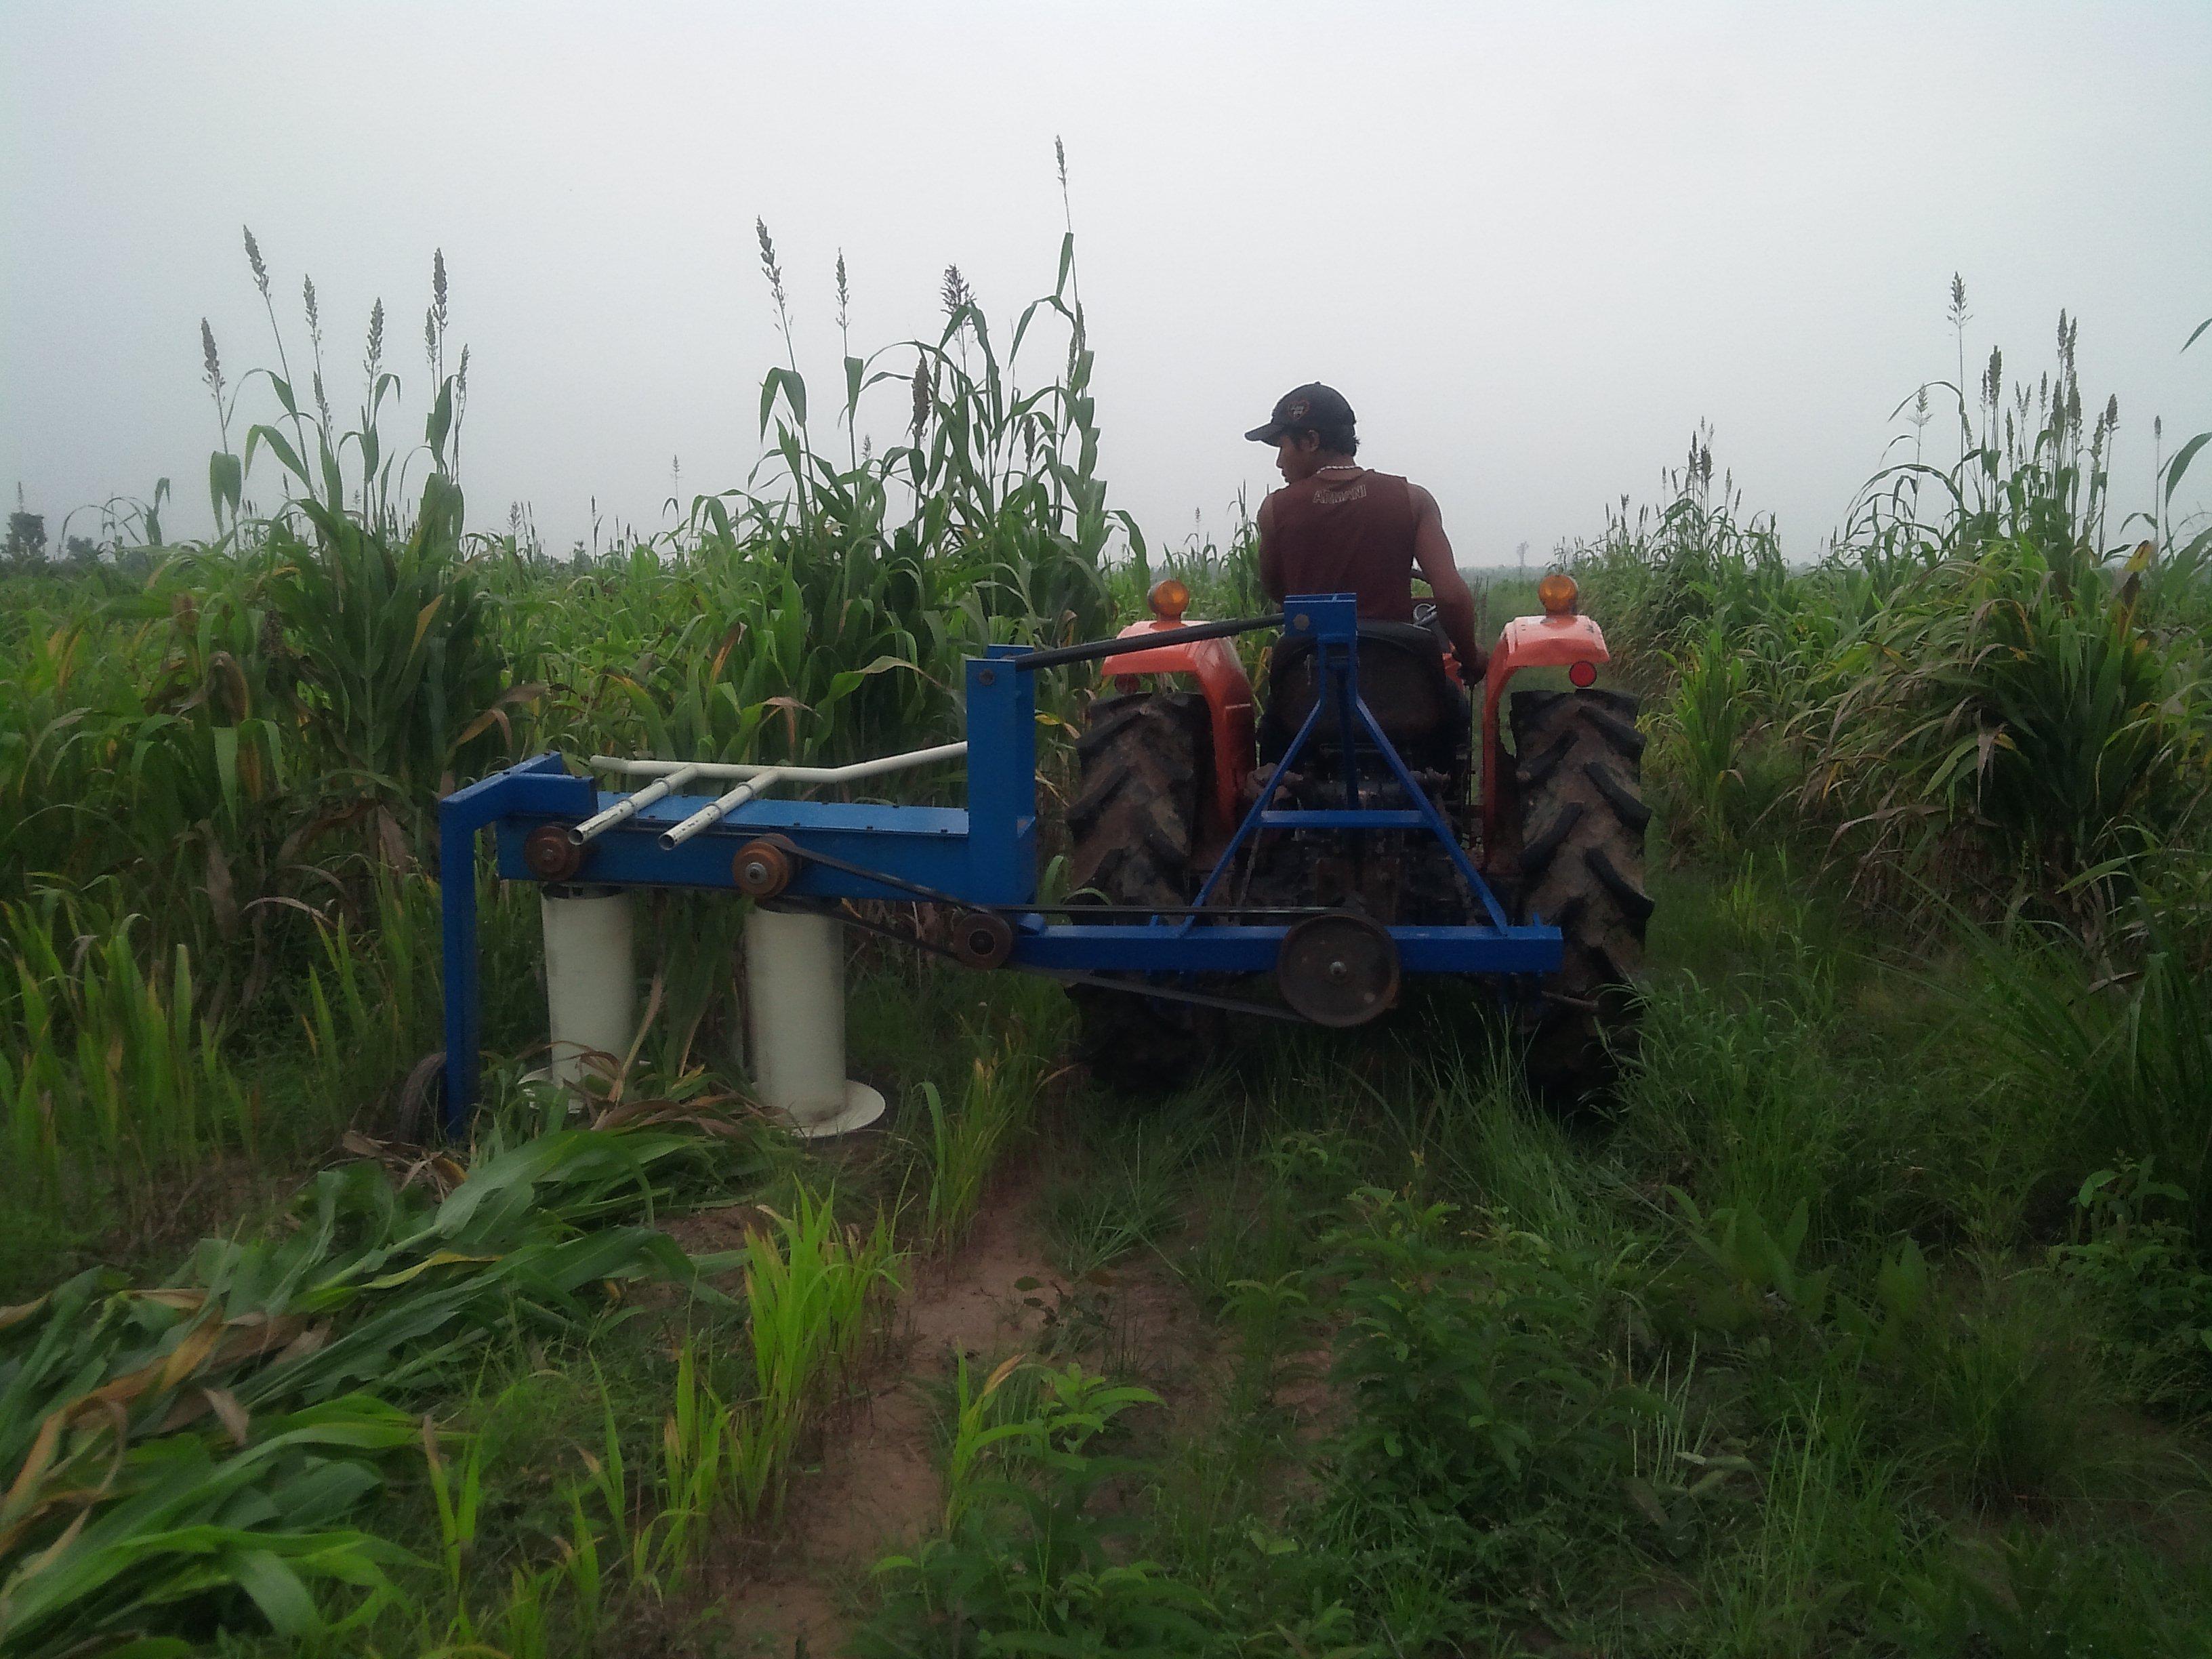 Máy cắt cỏ voi, bắp xếp dãy 8-10ha/ngày hinh anh 3